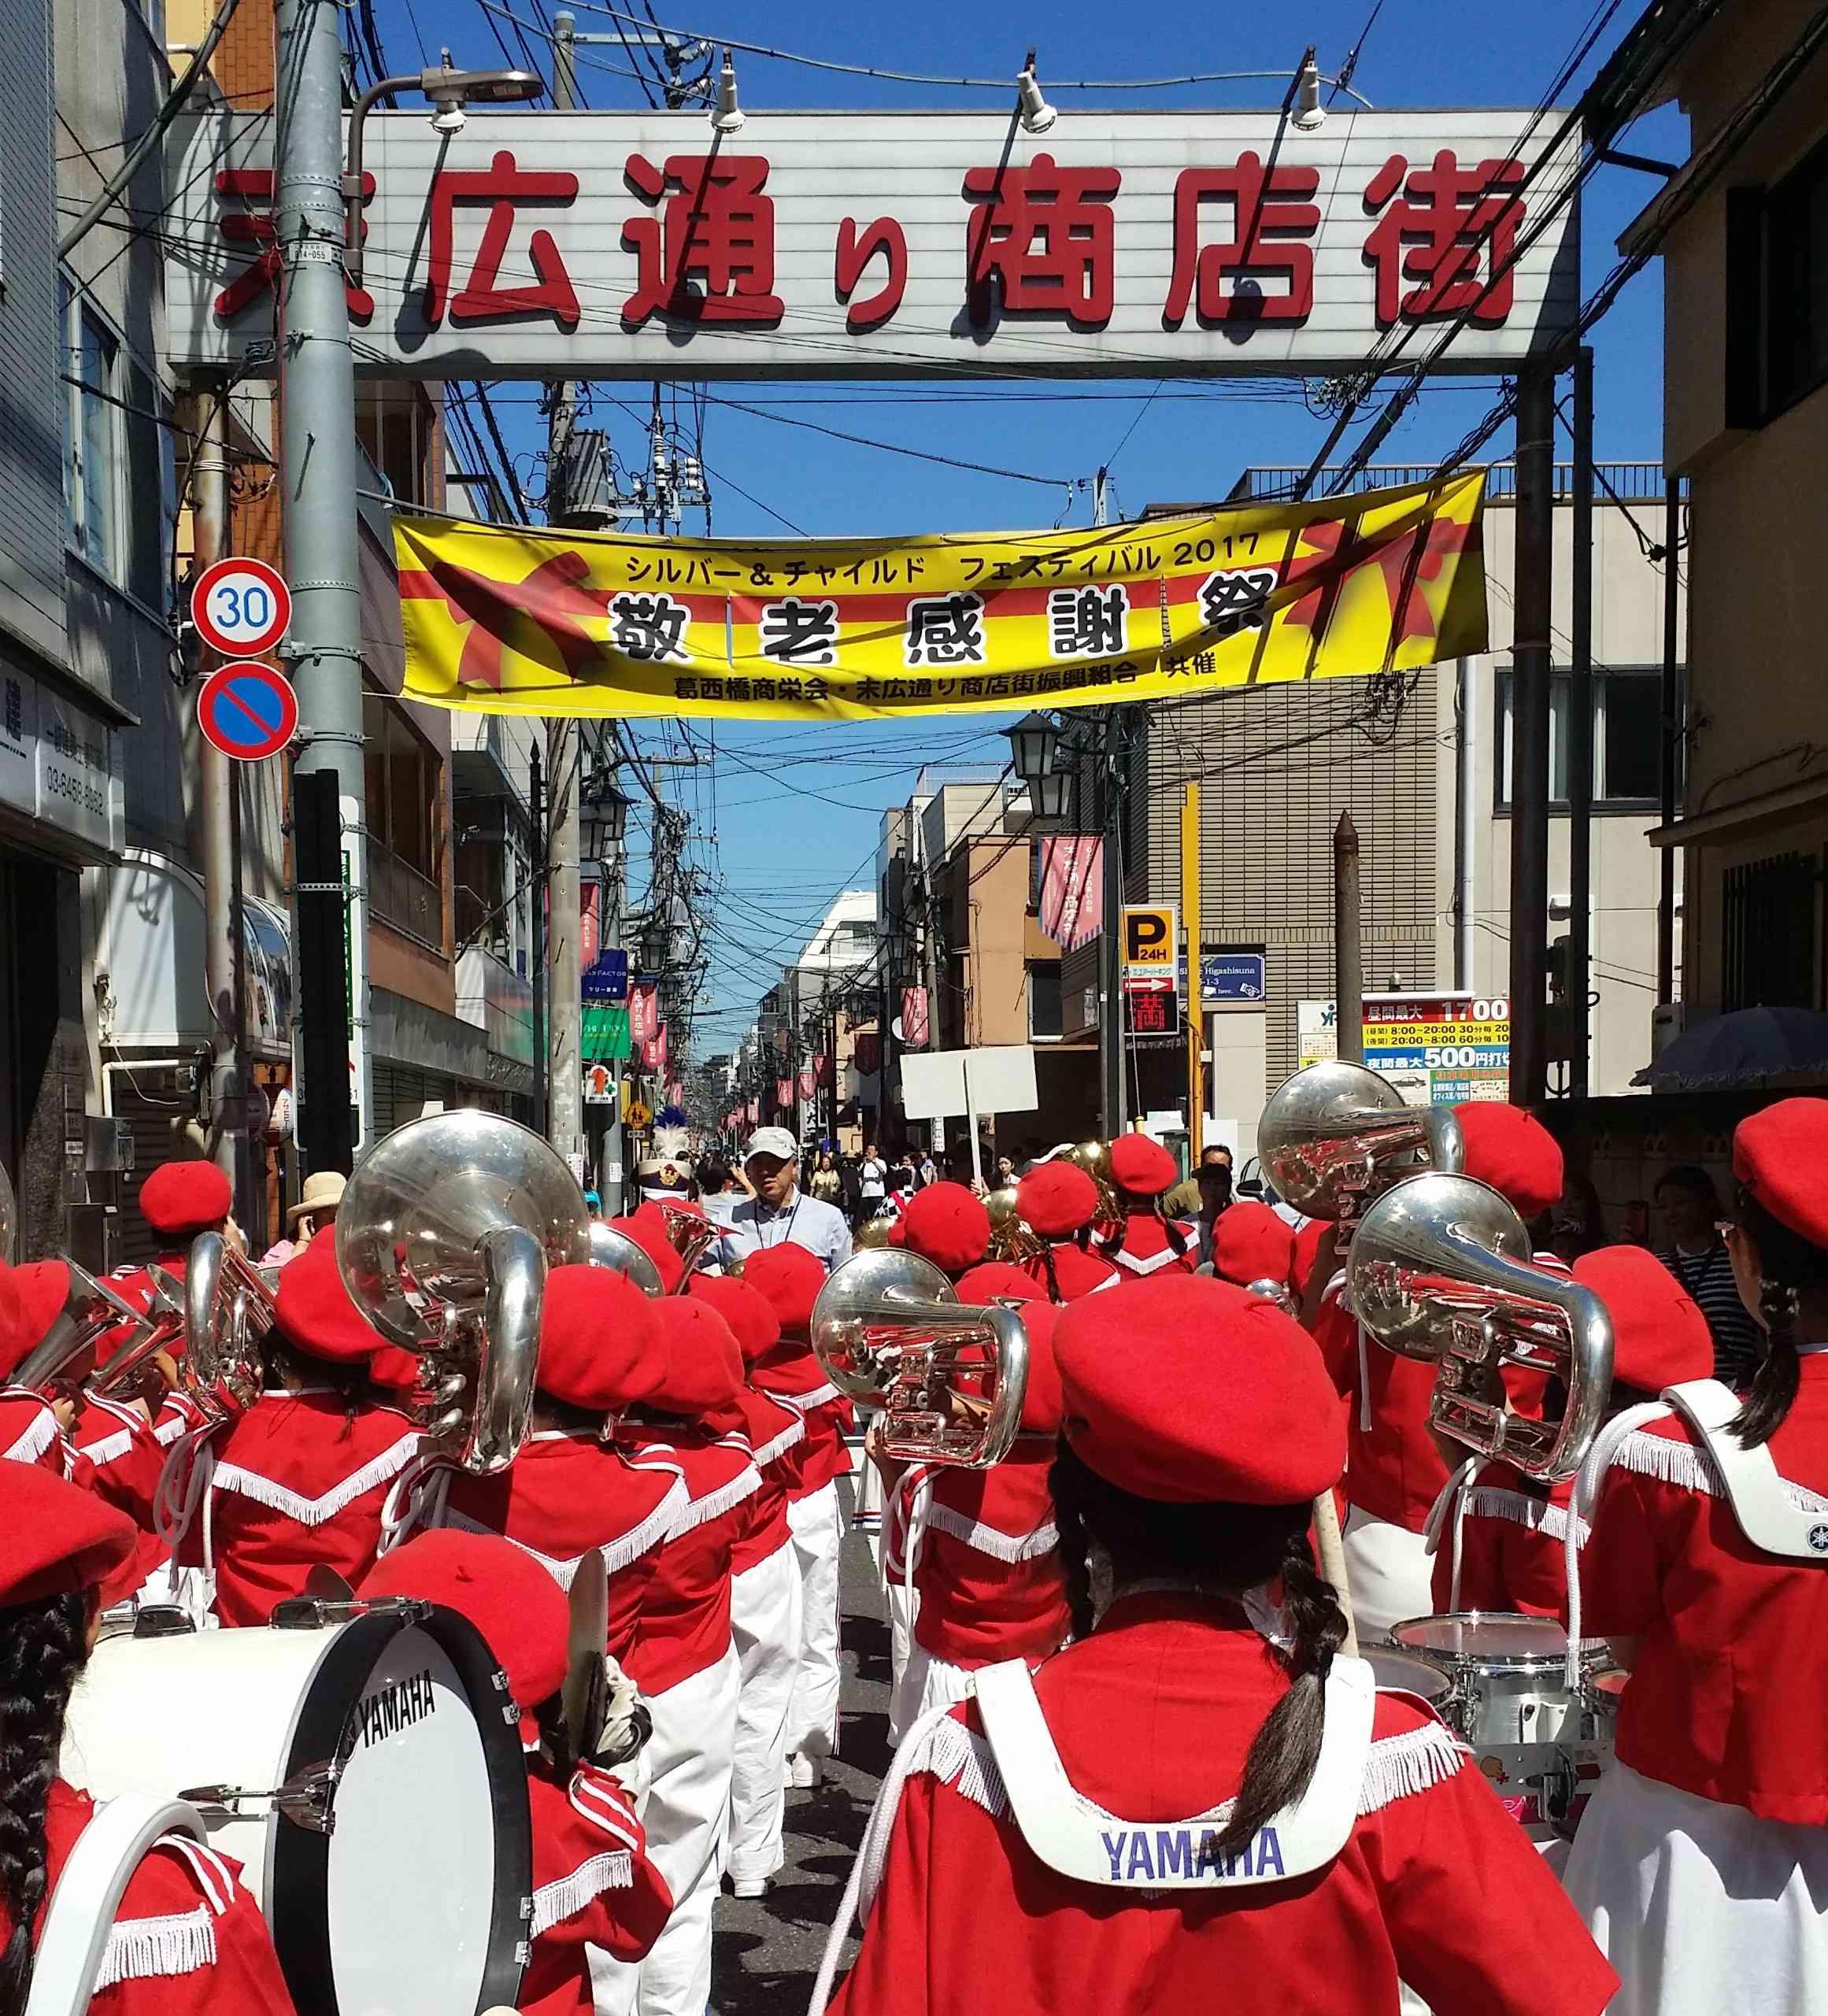 末広通り商店街 敬老感謝祭パレード (2).jpg